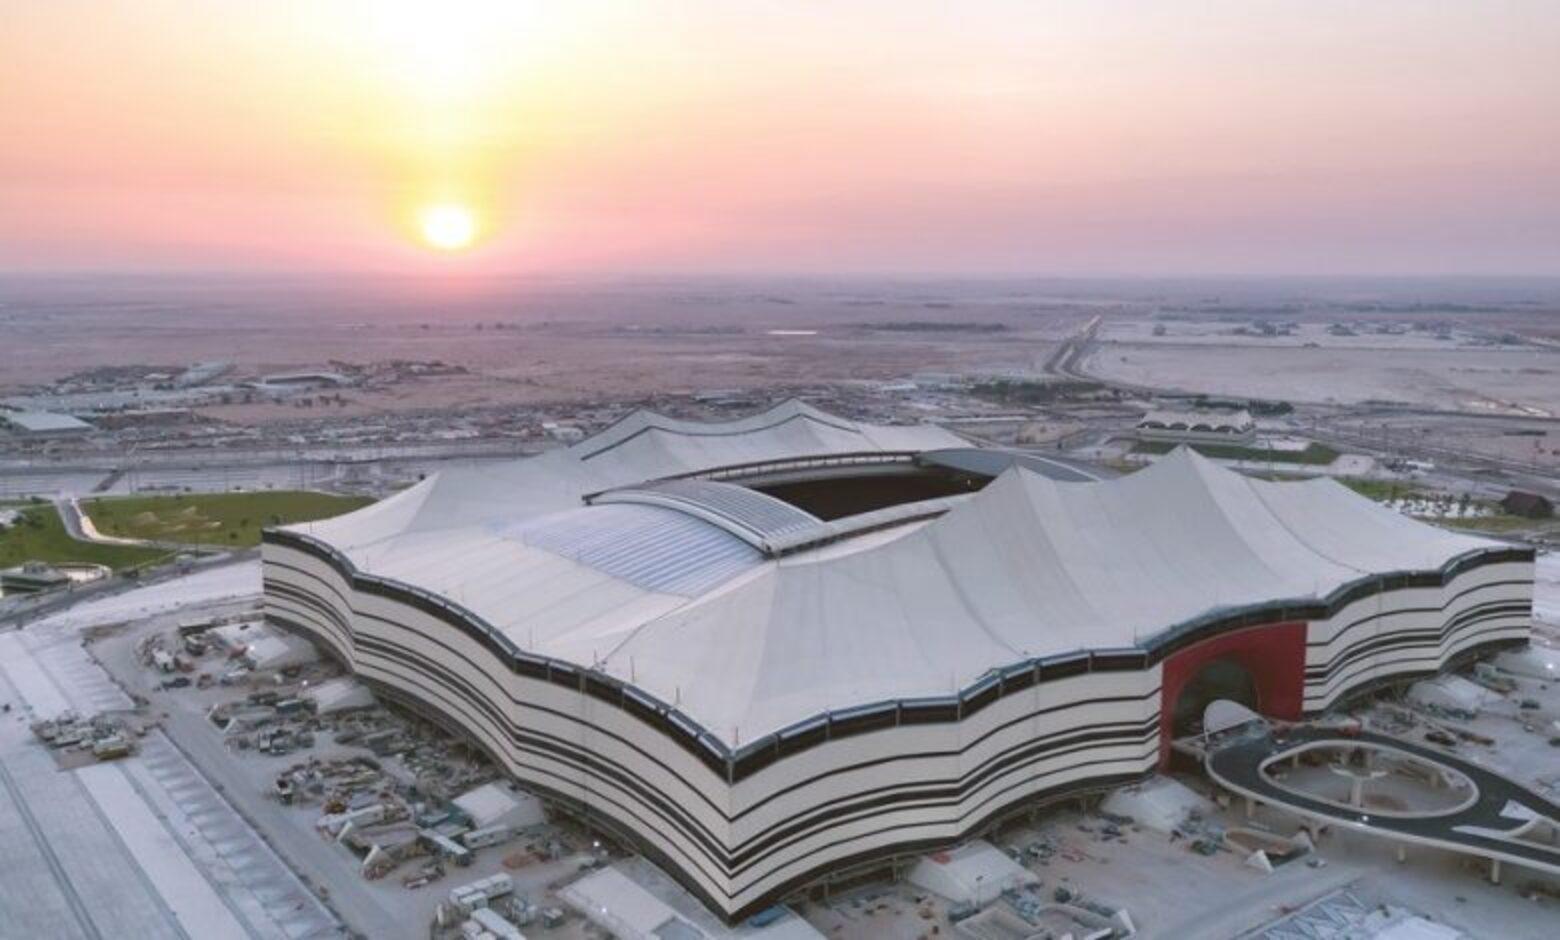 Diện mạo của sân vận động mô phỏng hình dạng của một chiếc lều Bedouin